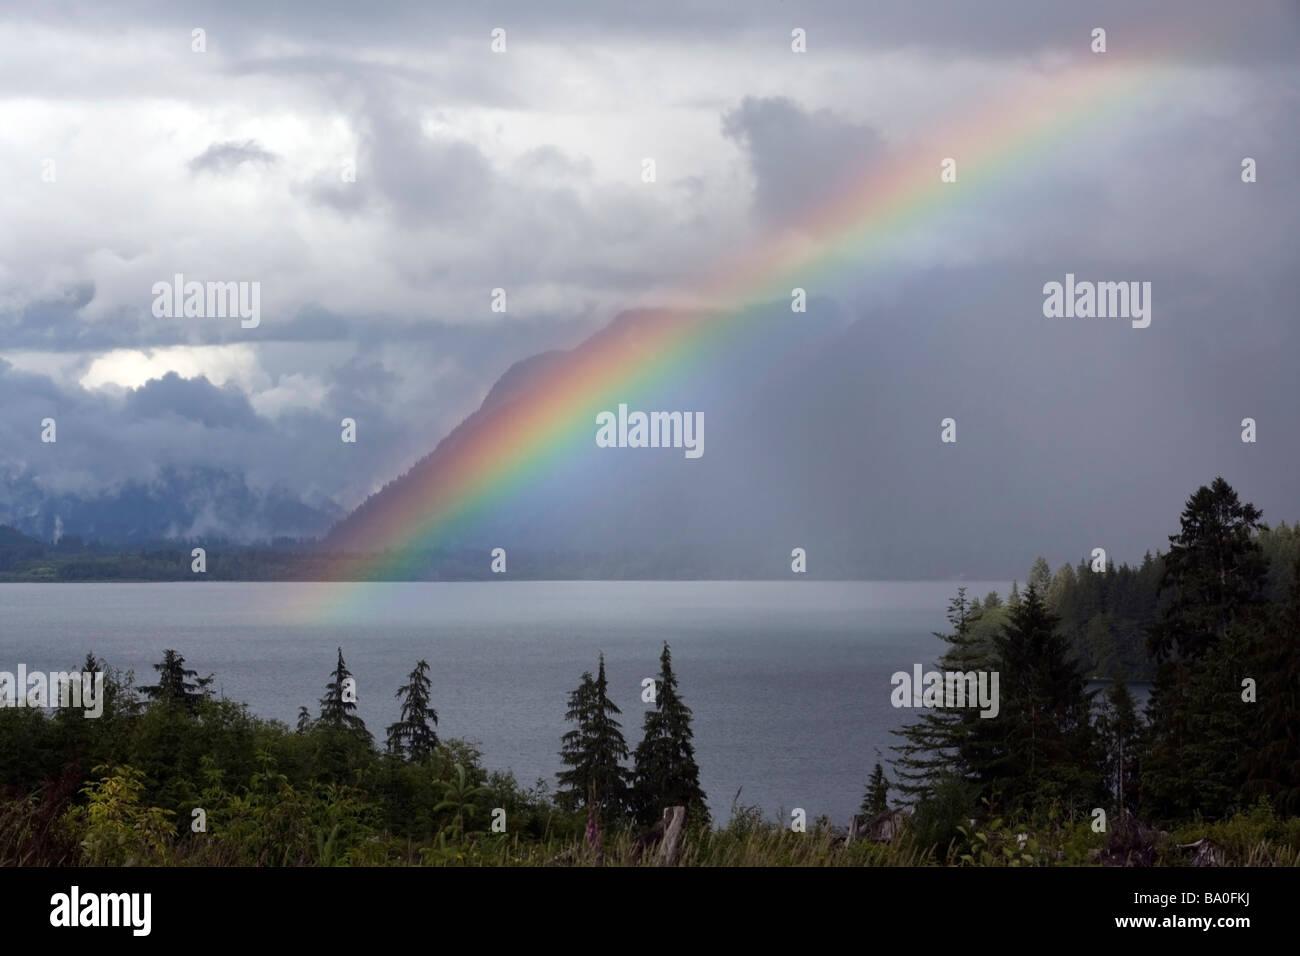 Rainbow - Olympic National Park, Washington USA - Stock Image